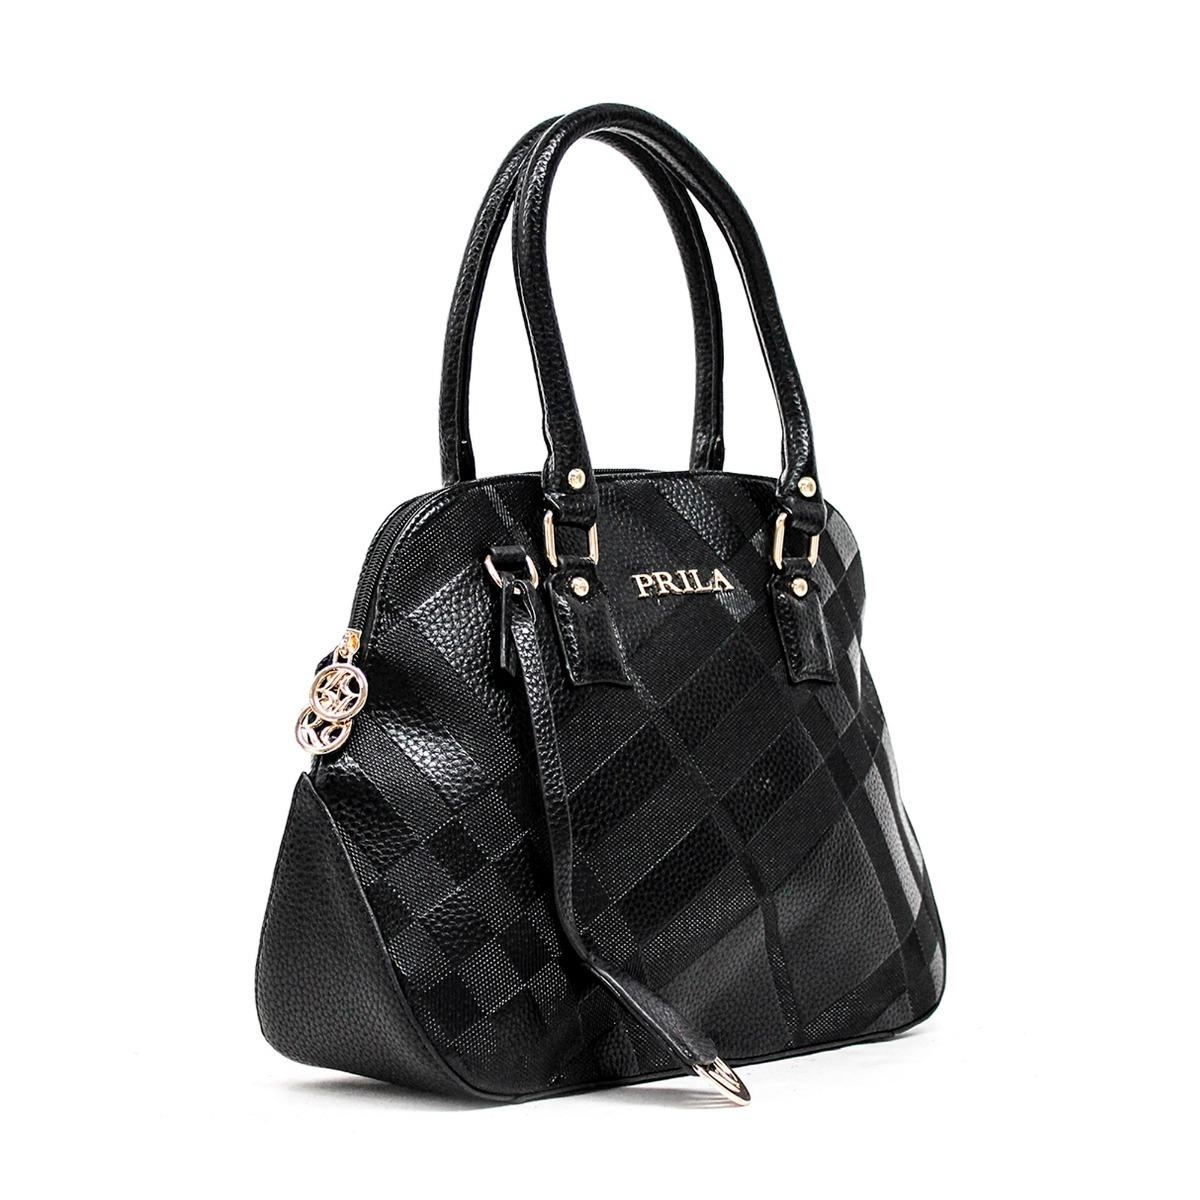 574993d02 Cartera Bolso Prila Sonia - Negro - $ 99.900 en Mercado Libre